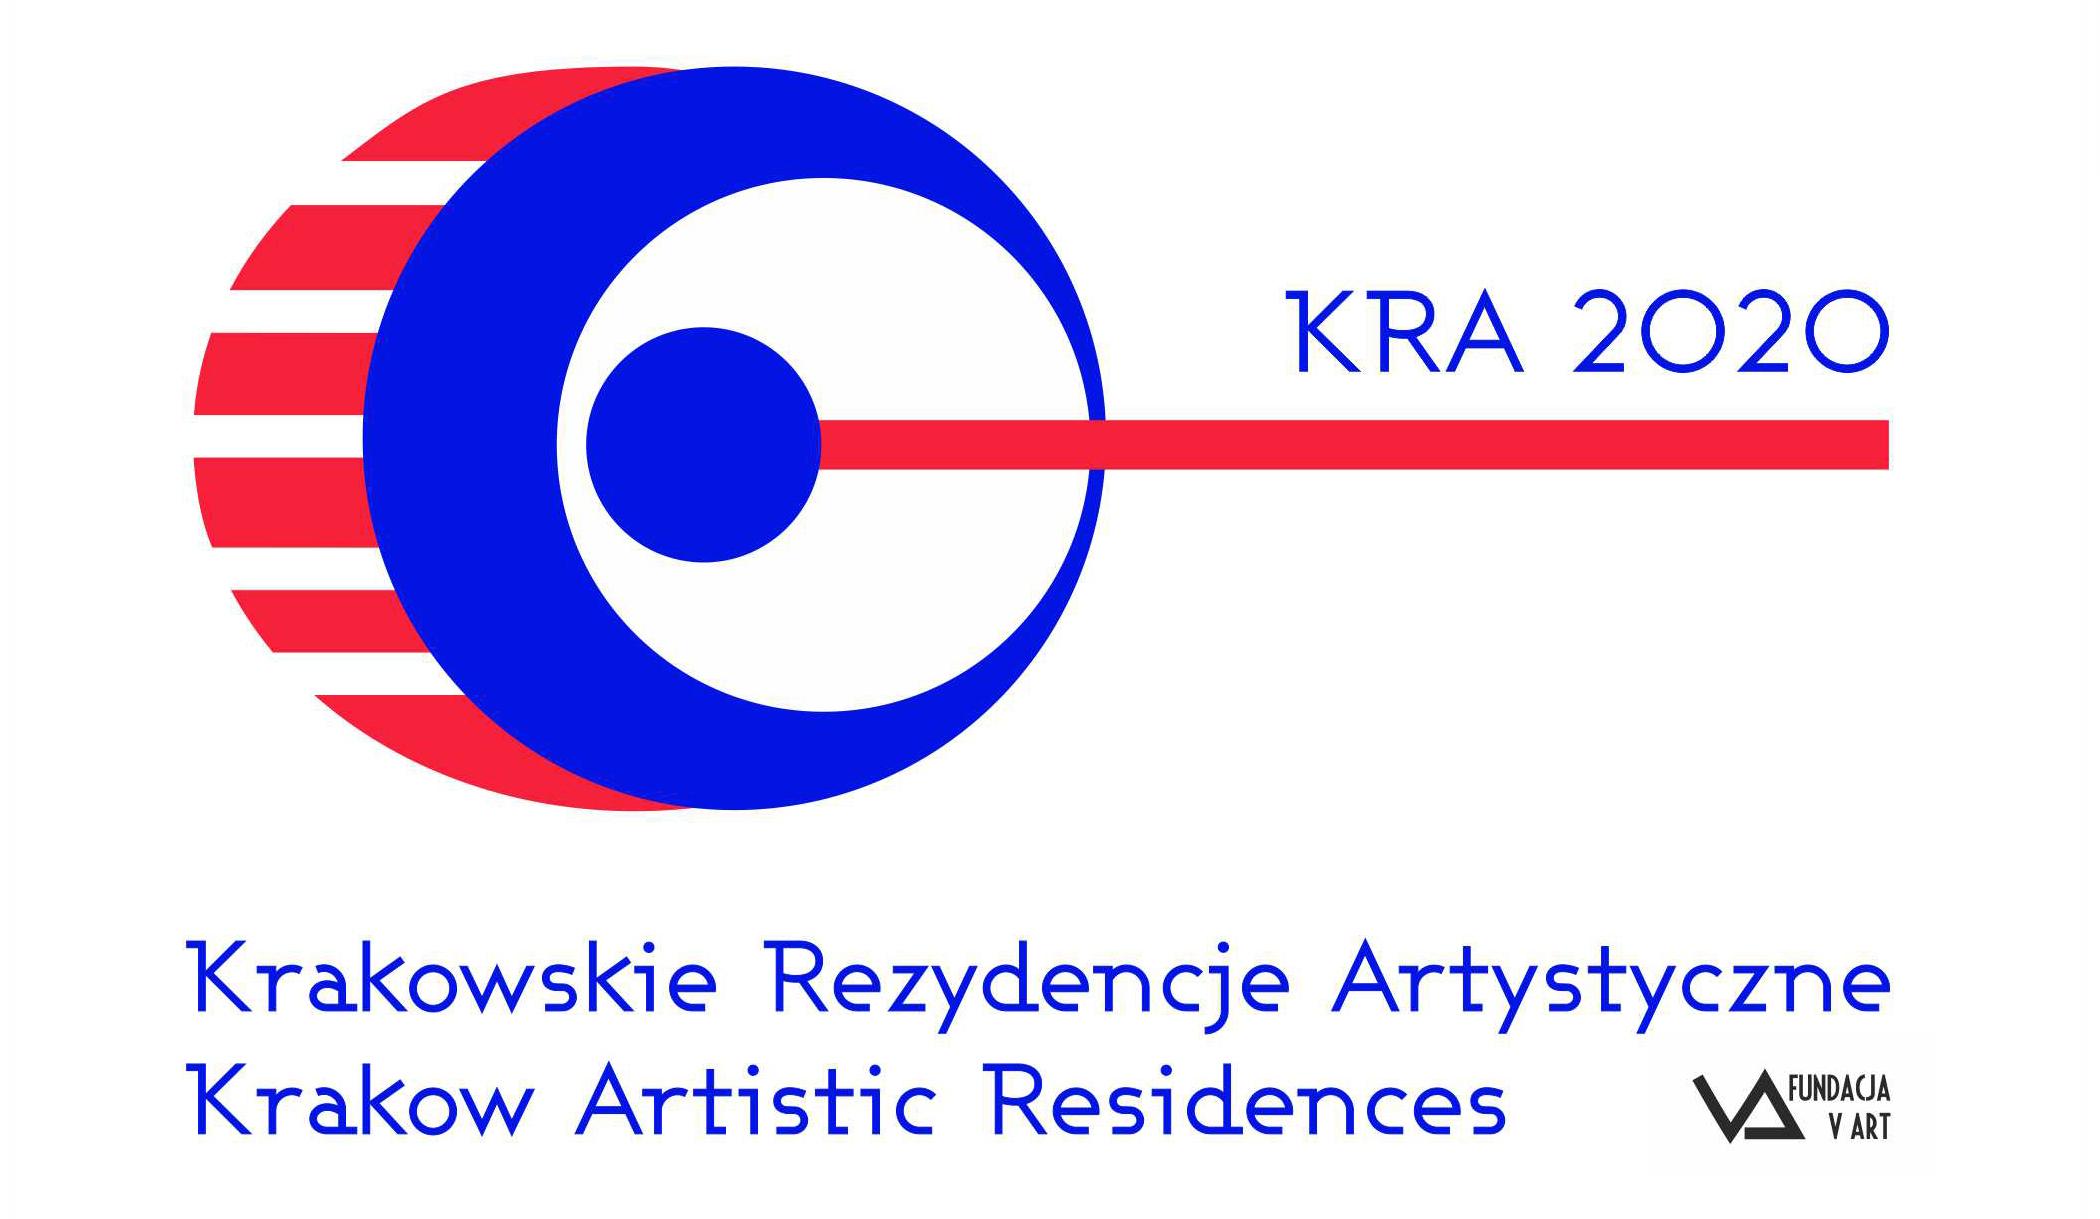 KRA 2020 katalog